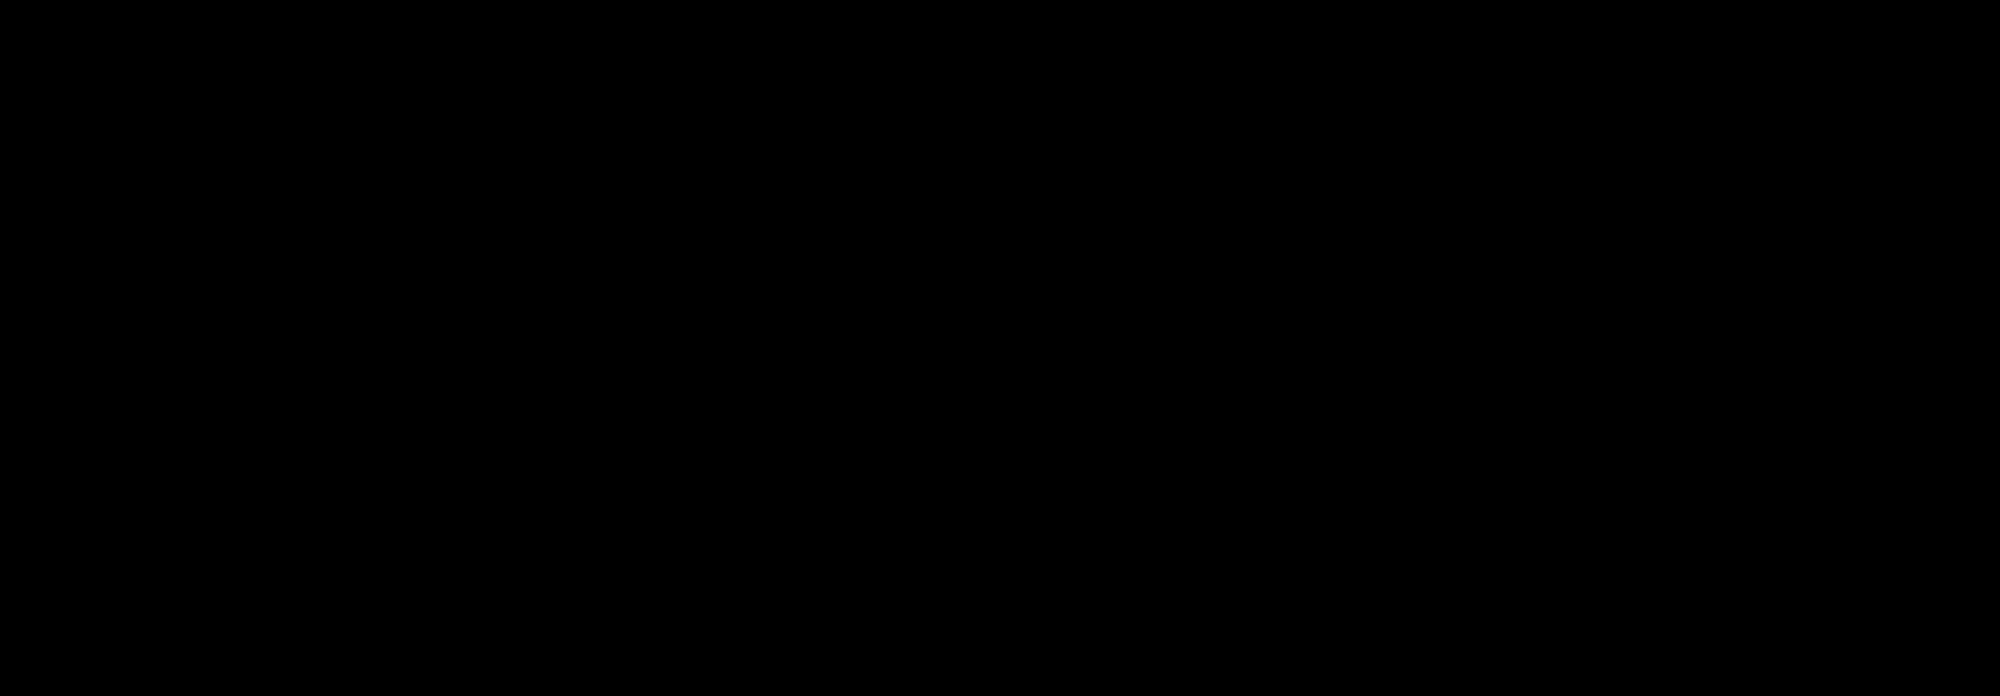 GO-Y016-d<sub>6</sub>